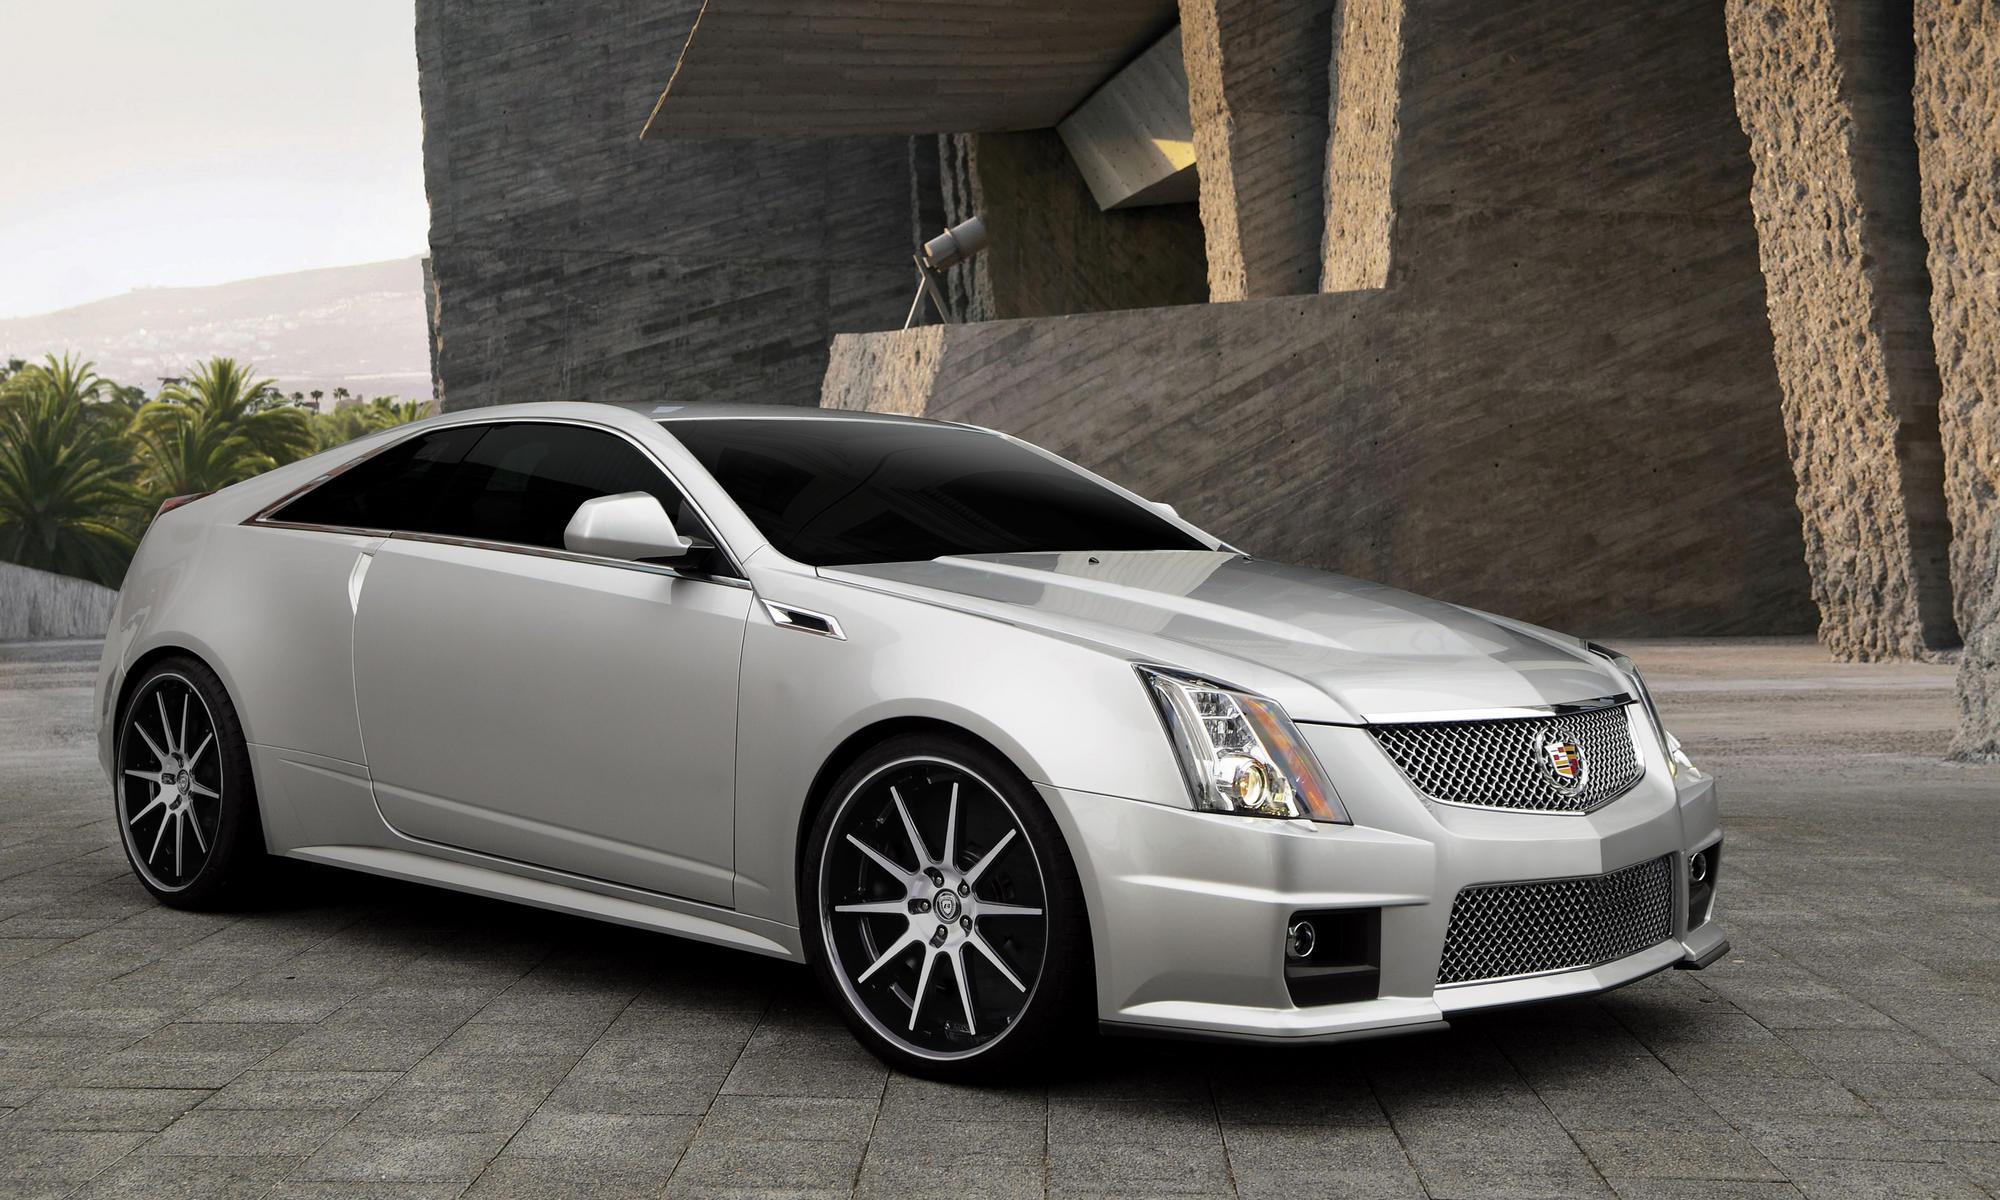 Cadillac cts photo 10